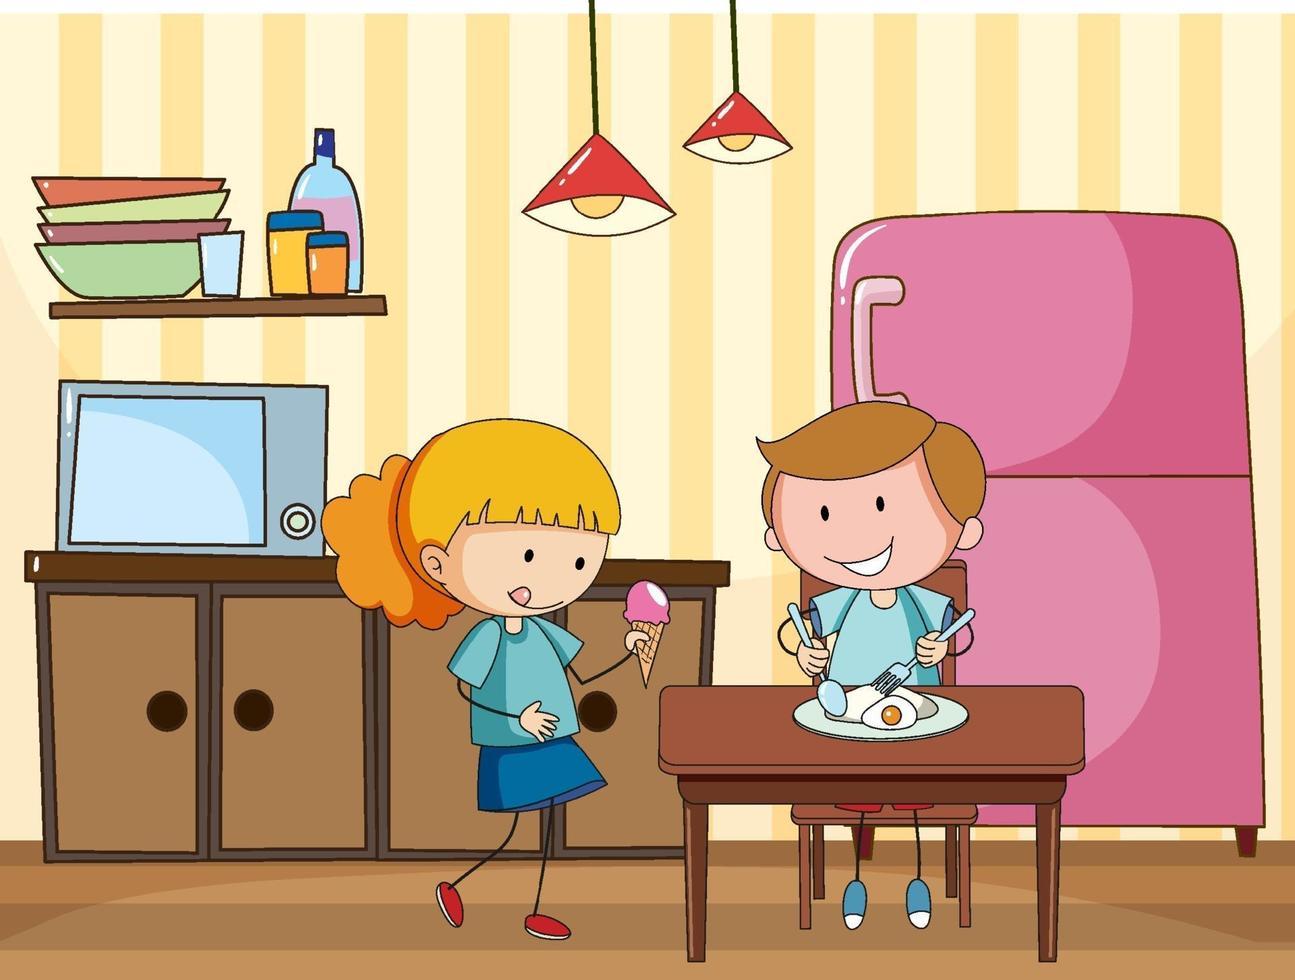 petits enfants dans la scène de la cuisine avec des équipements vecteur